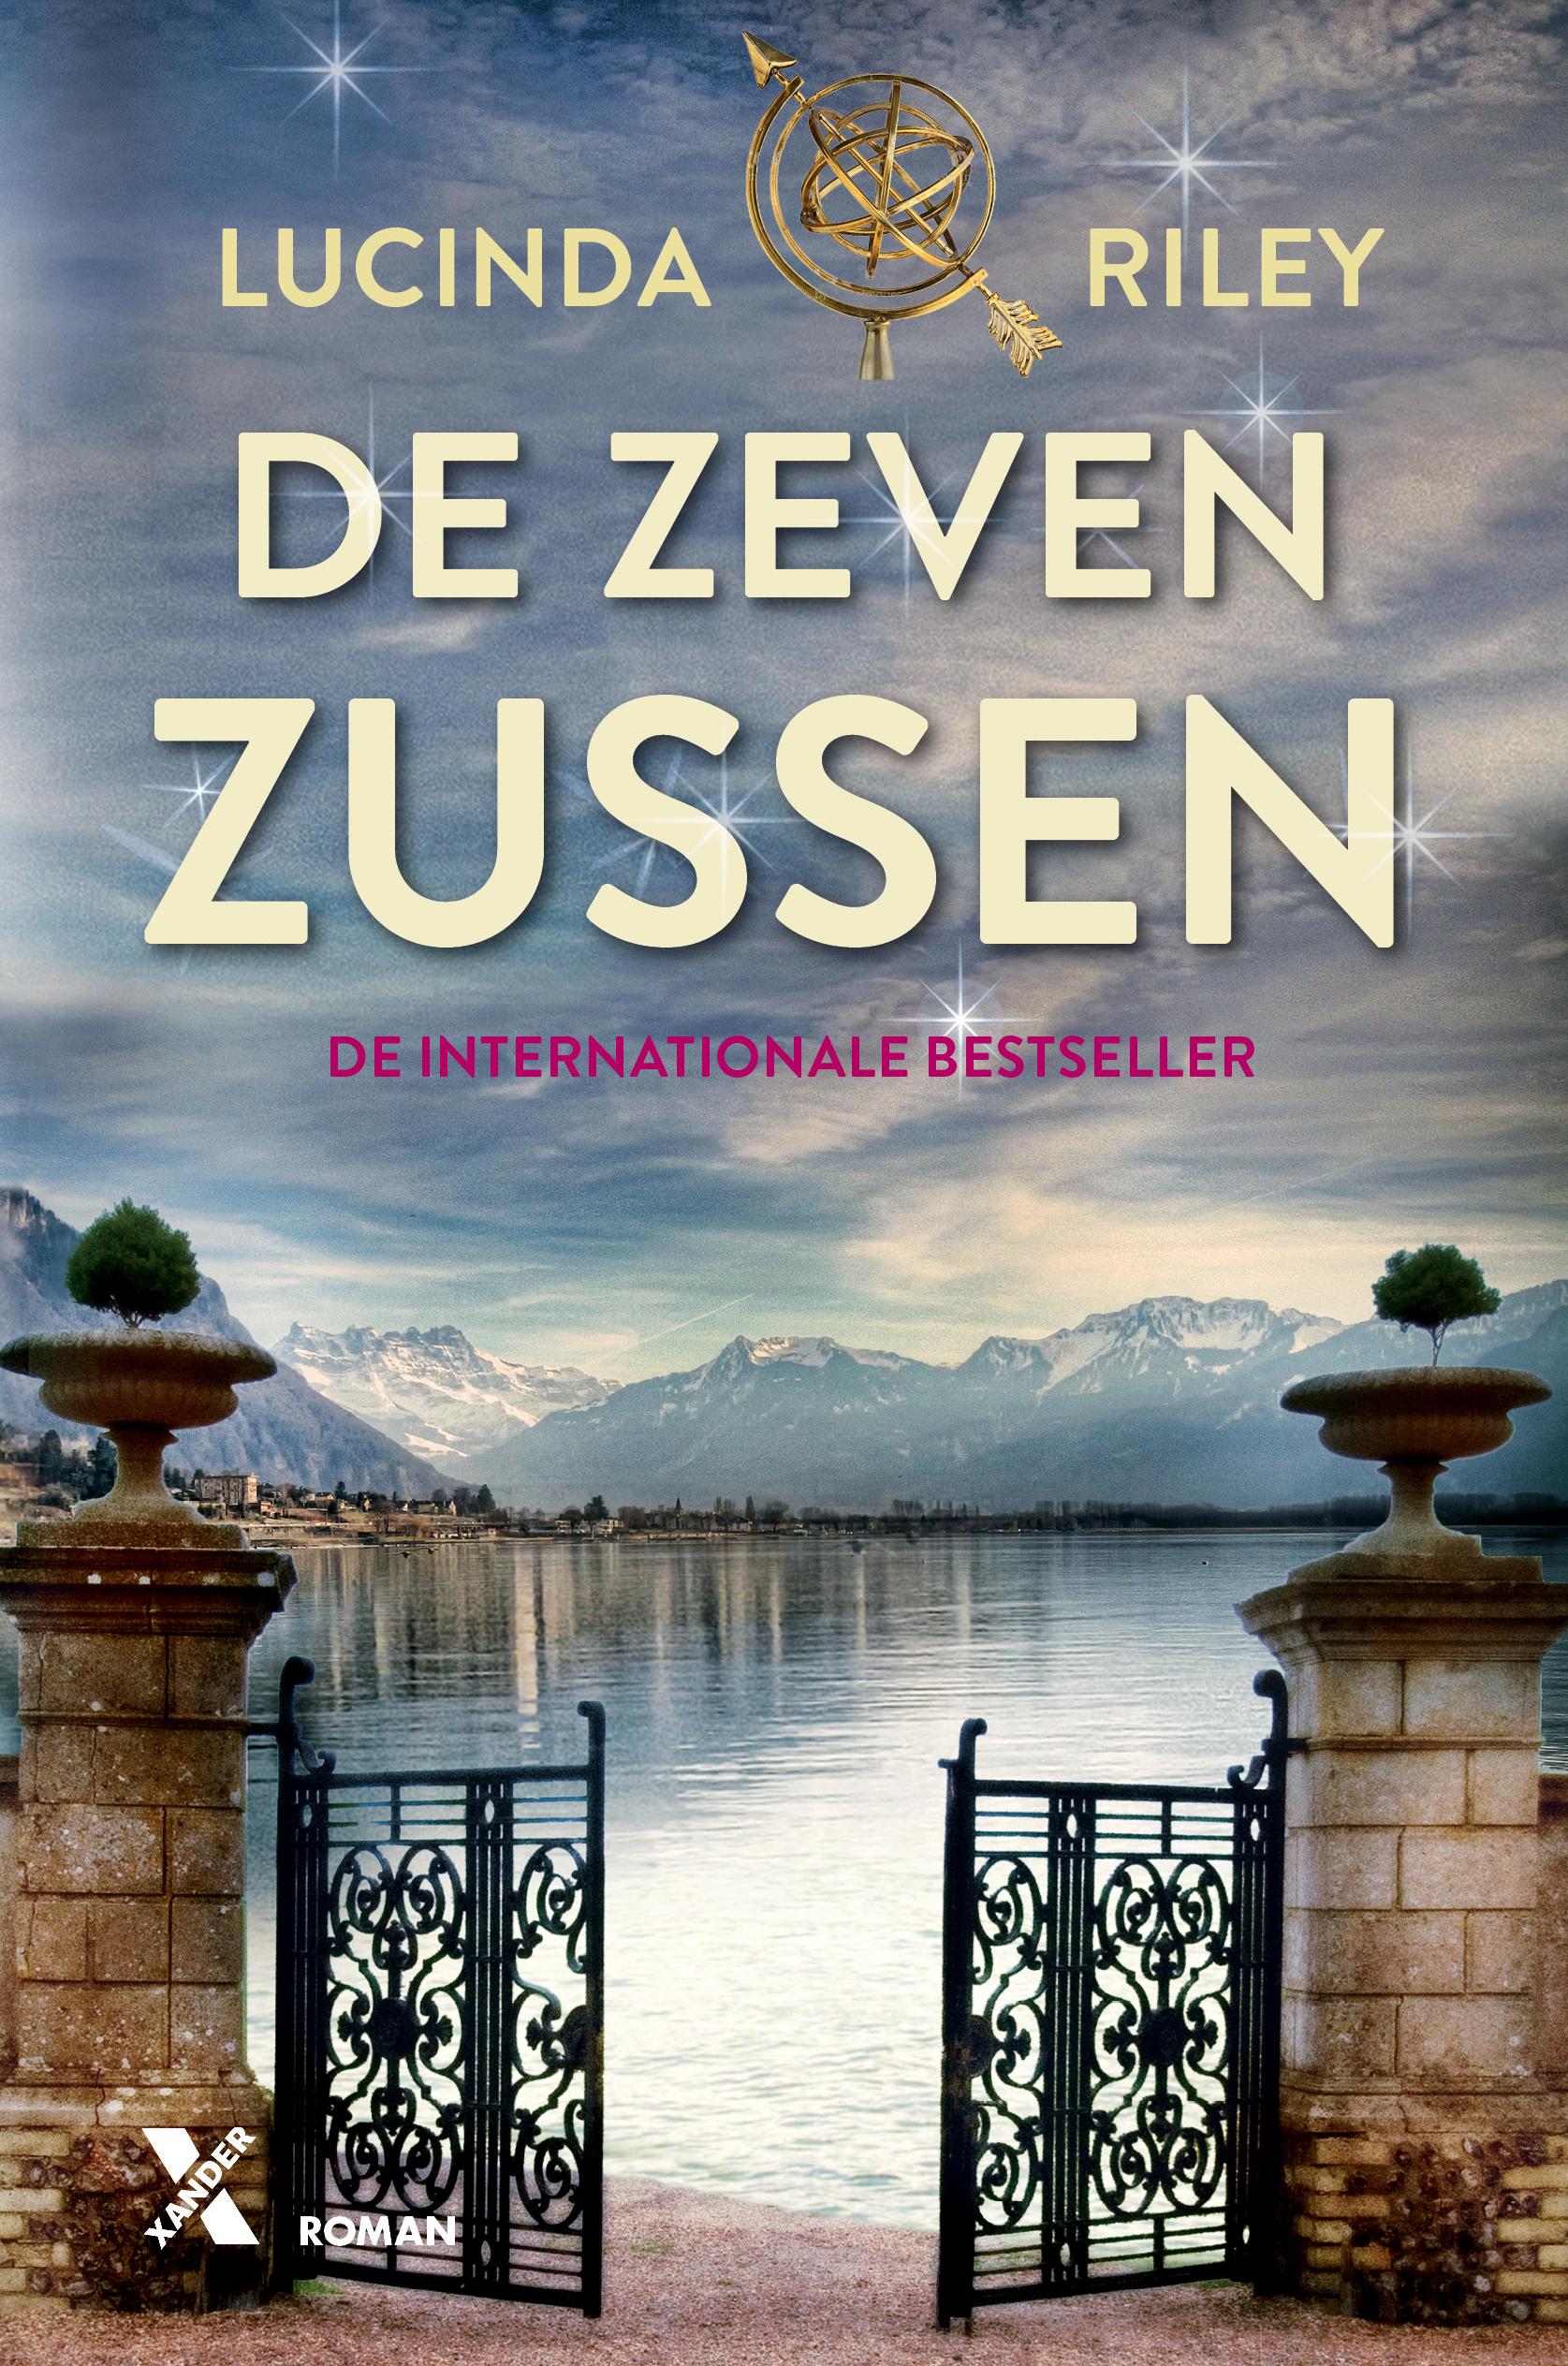 De Zeven Zussen cover NEderlands.jpg